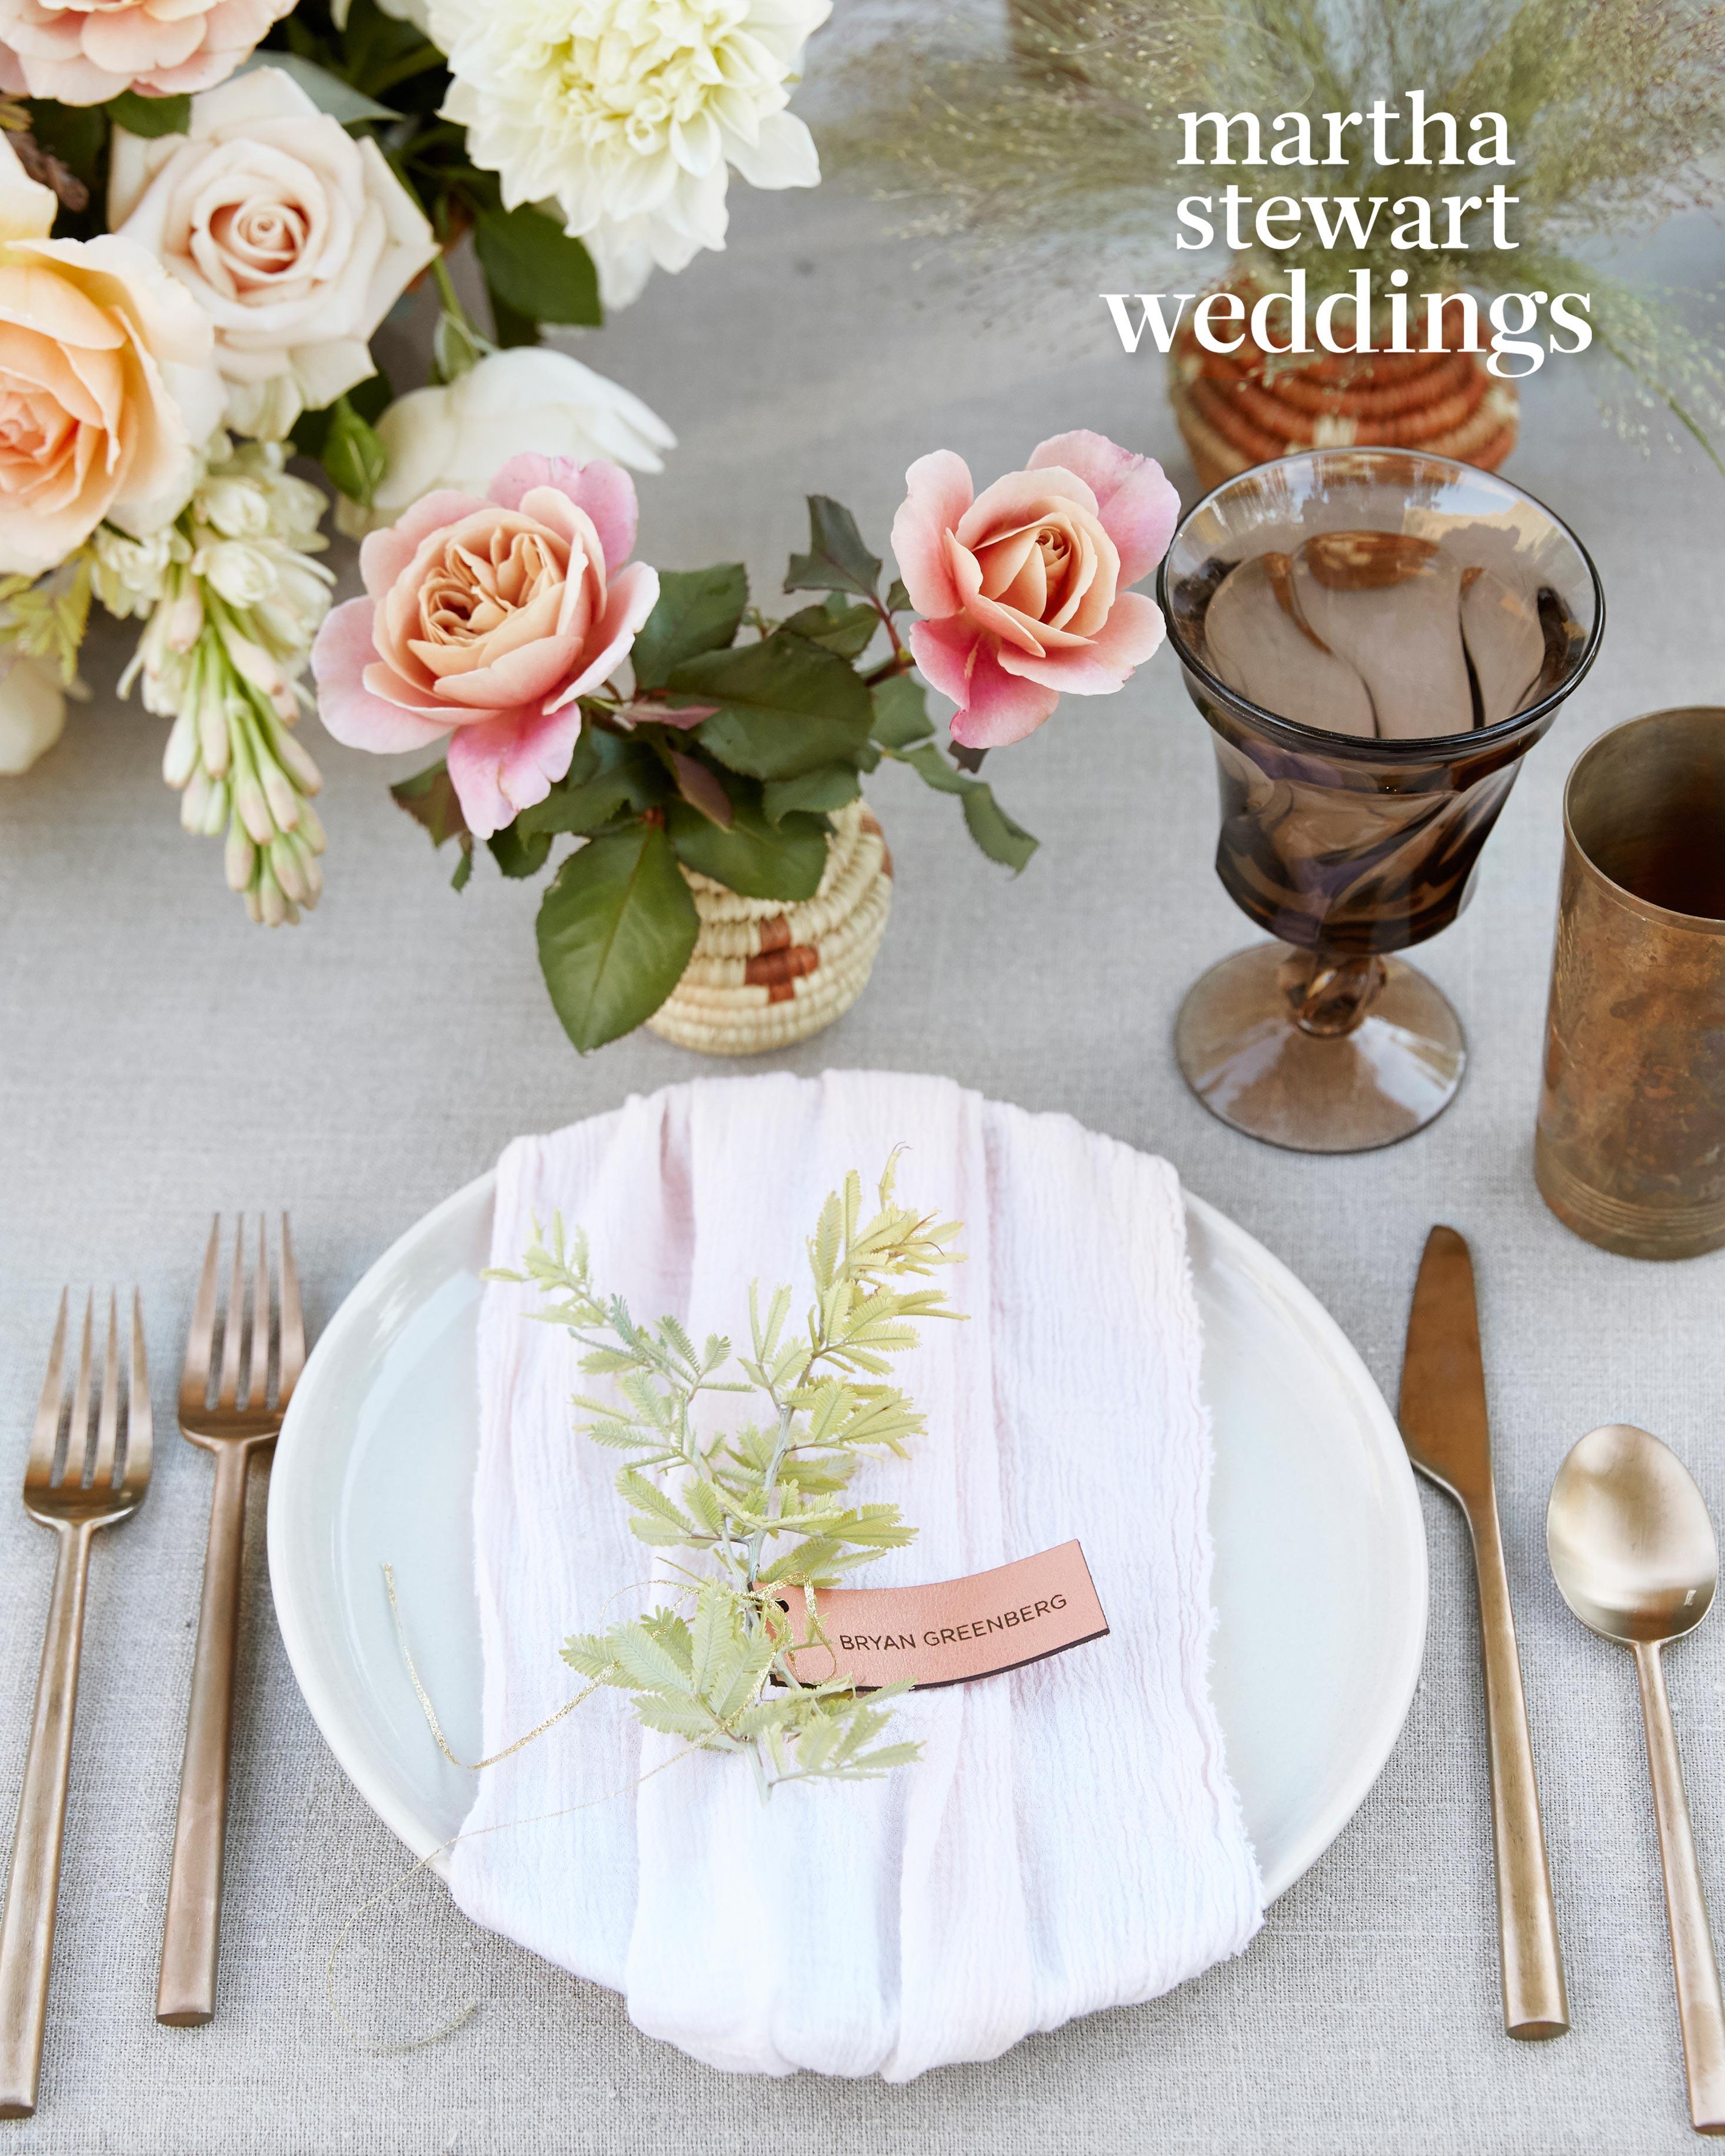 jamie-bryan-wedding-08-placesetting-0335-d112664.jpg